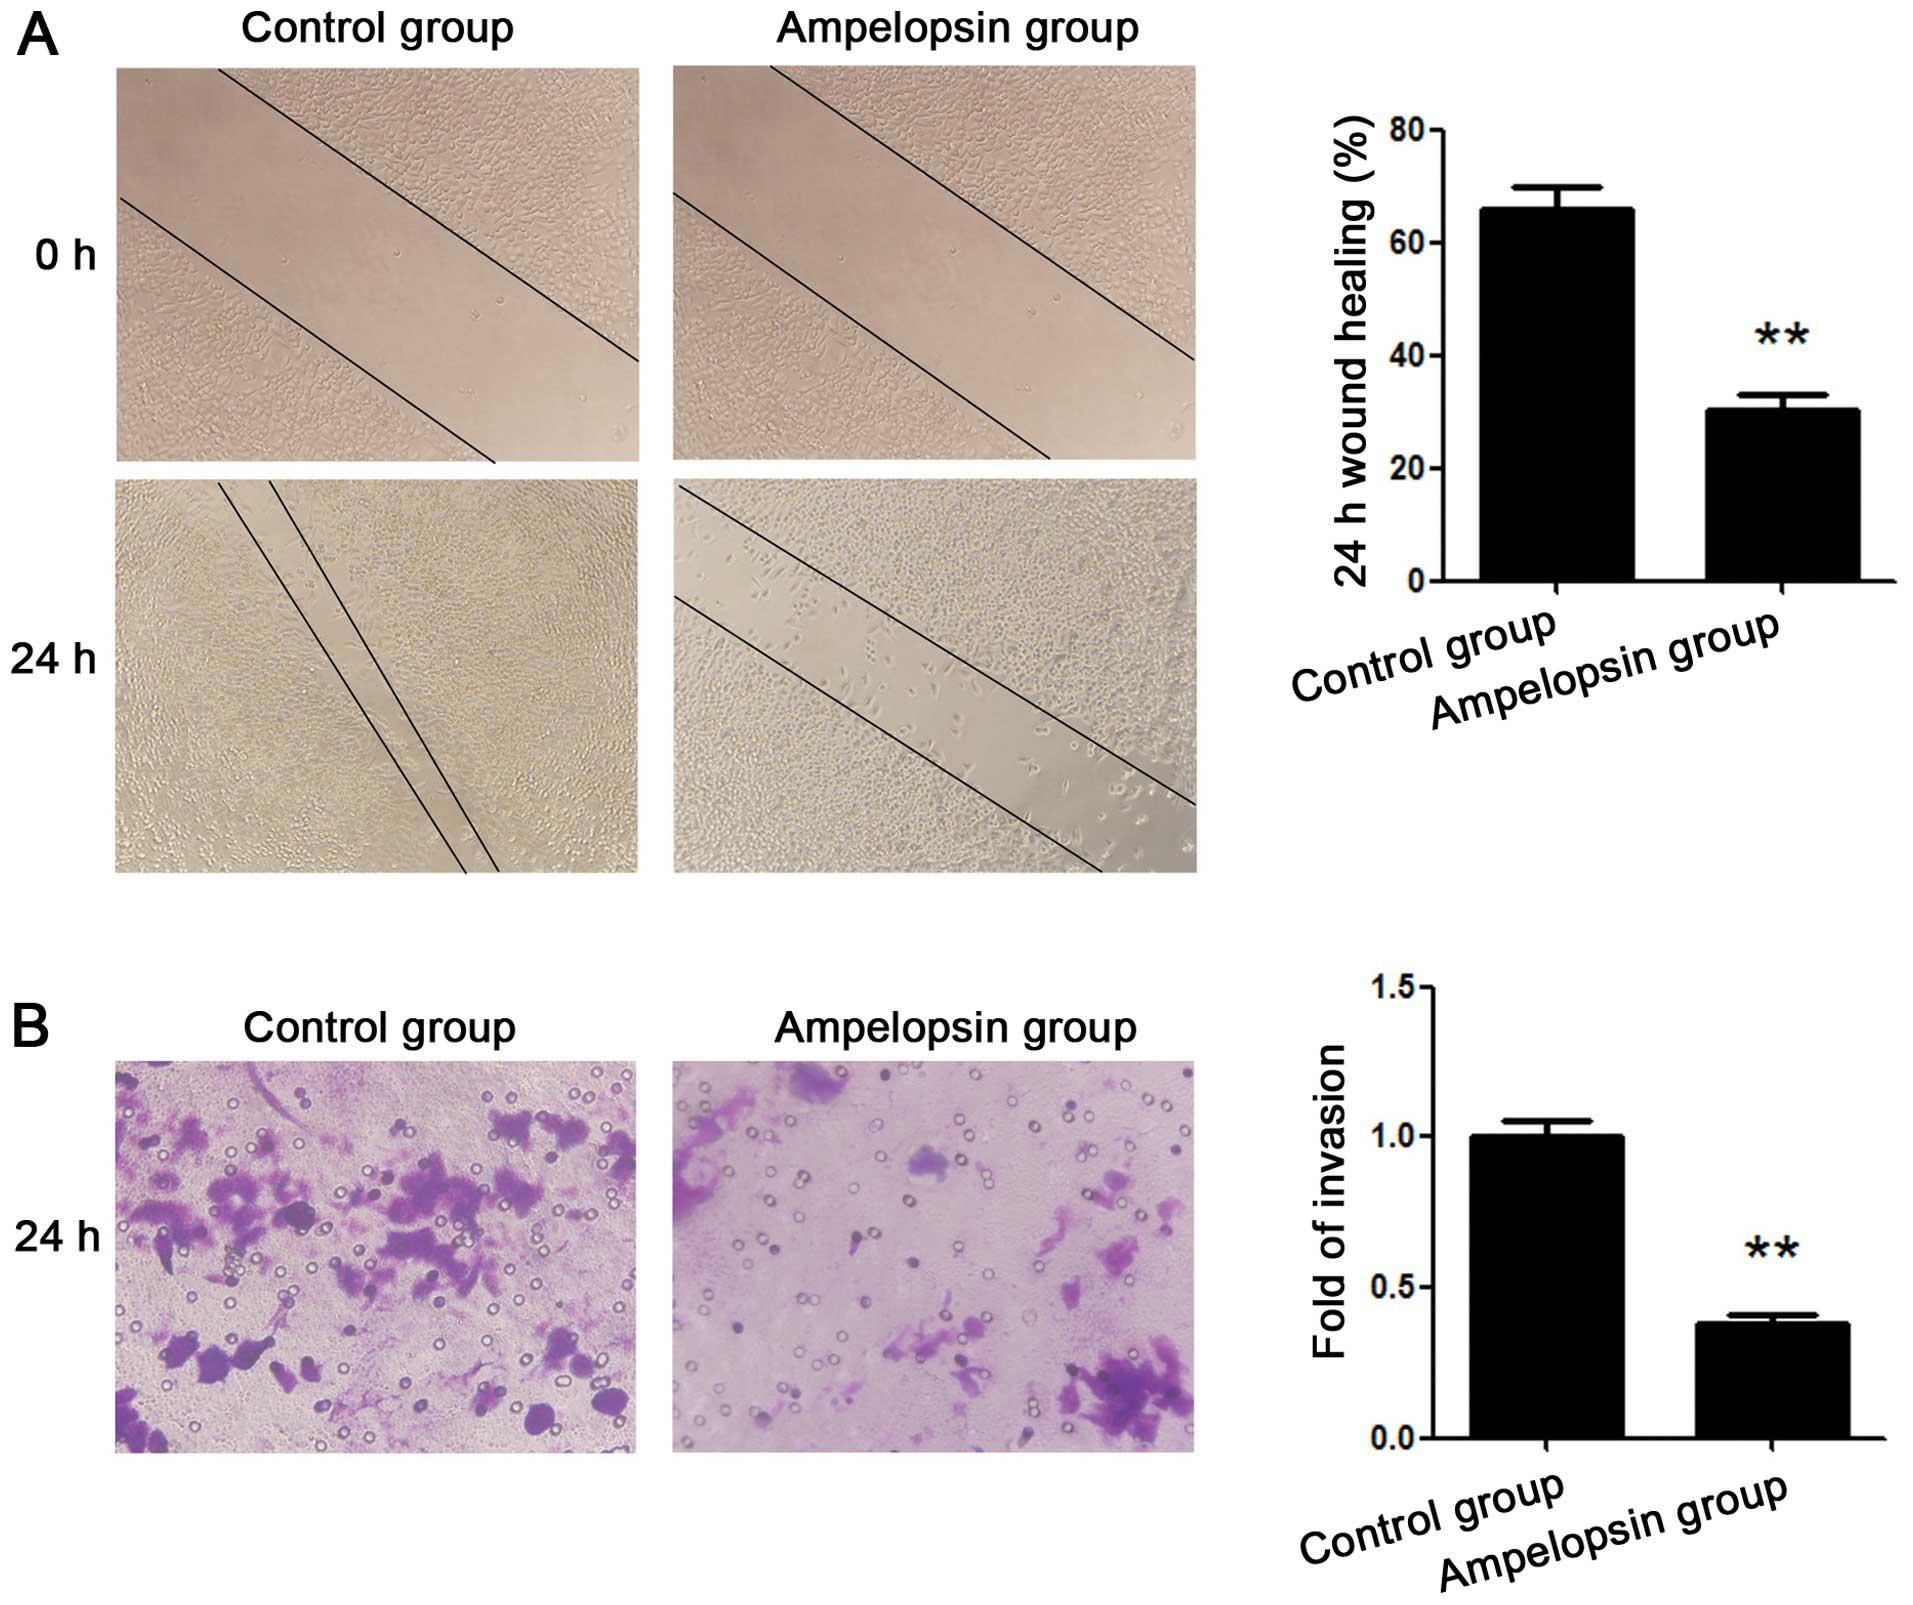 Profil estimare risc cancer ovarian (HE4, CA , scor ROMA) | Synevo